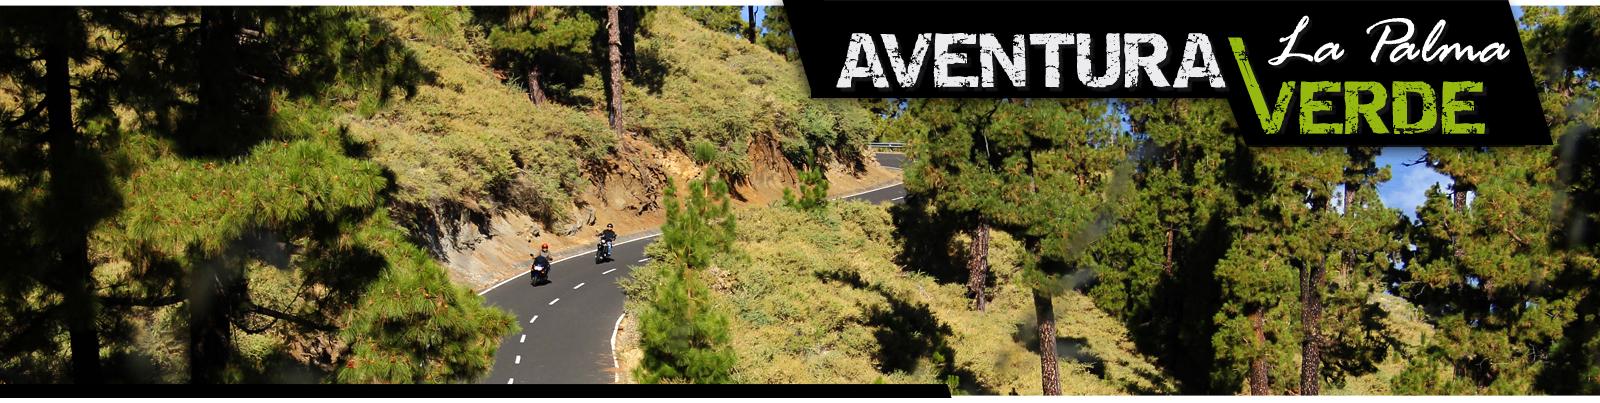 Aventura Verde – La Palma – Motorradvermietung